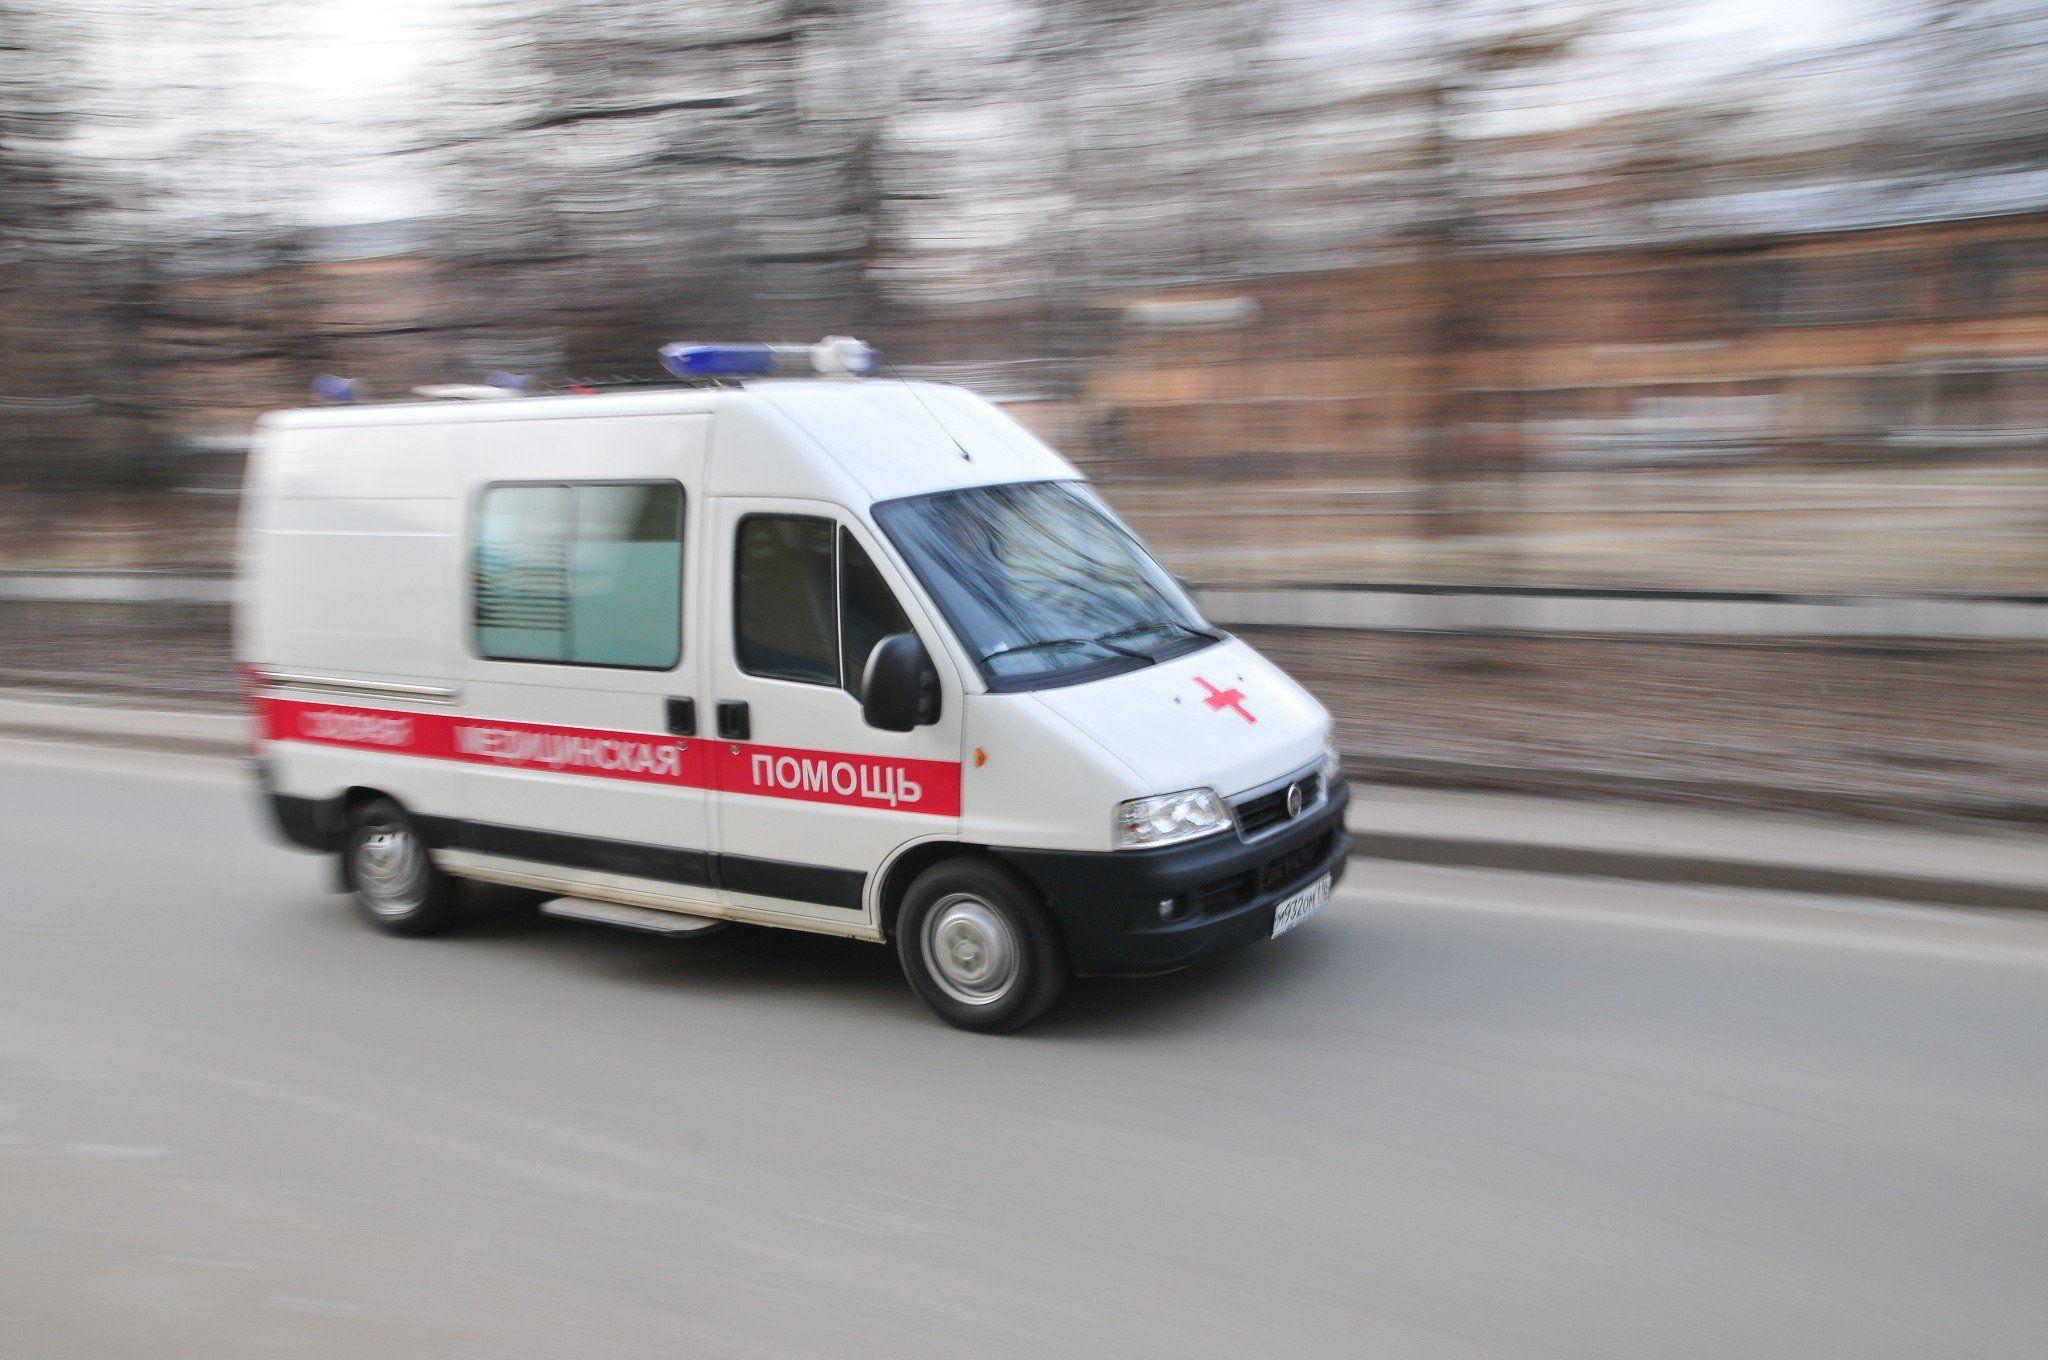 «Пошли вон или я вас постреляю»: В Батайске мужчина угрожал «скорой» автоматом